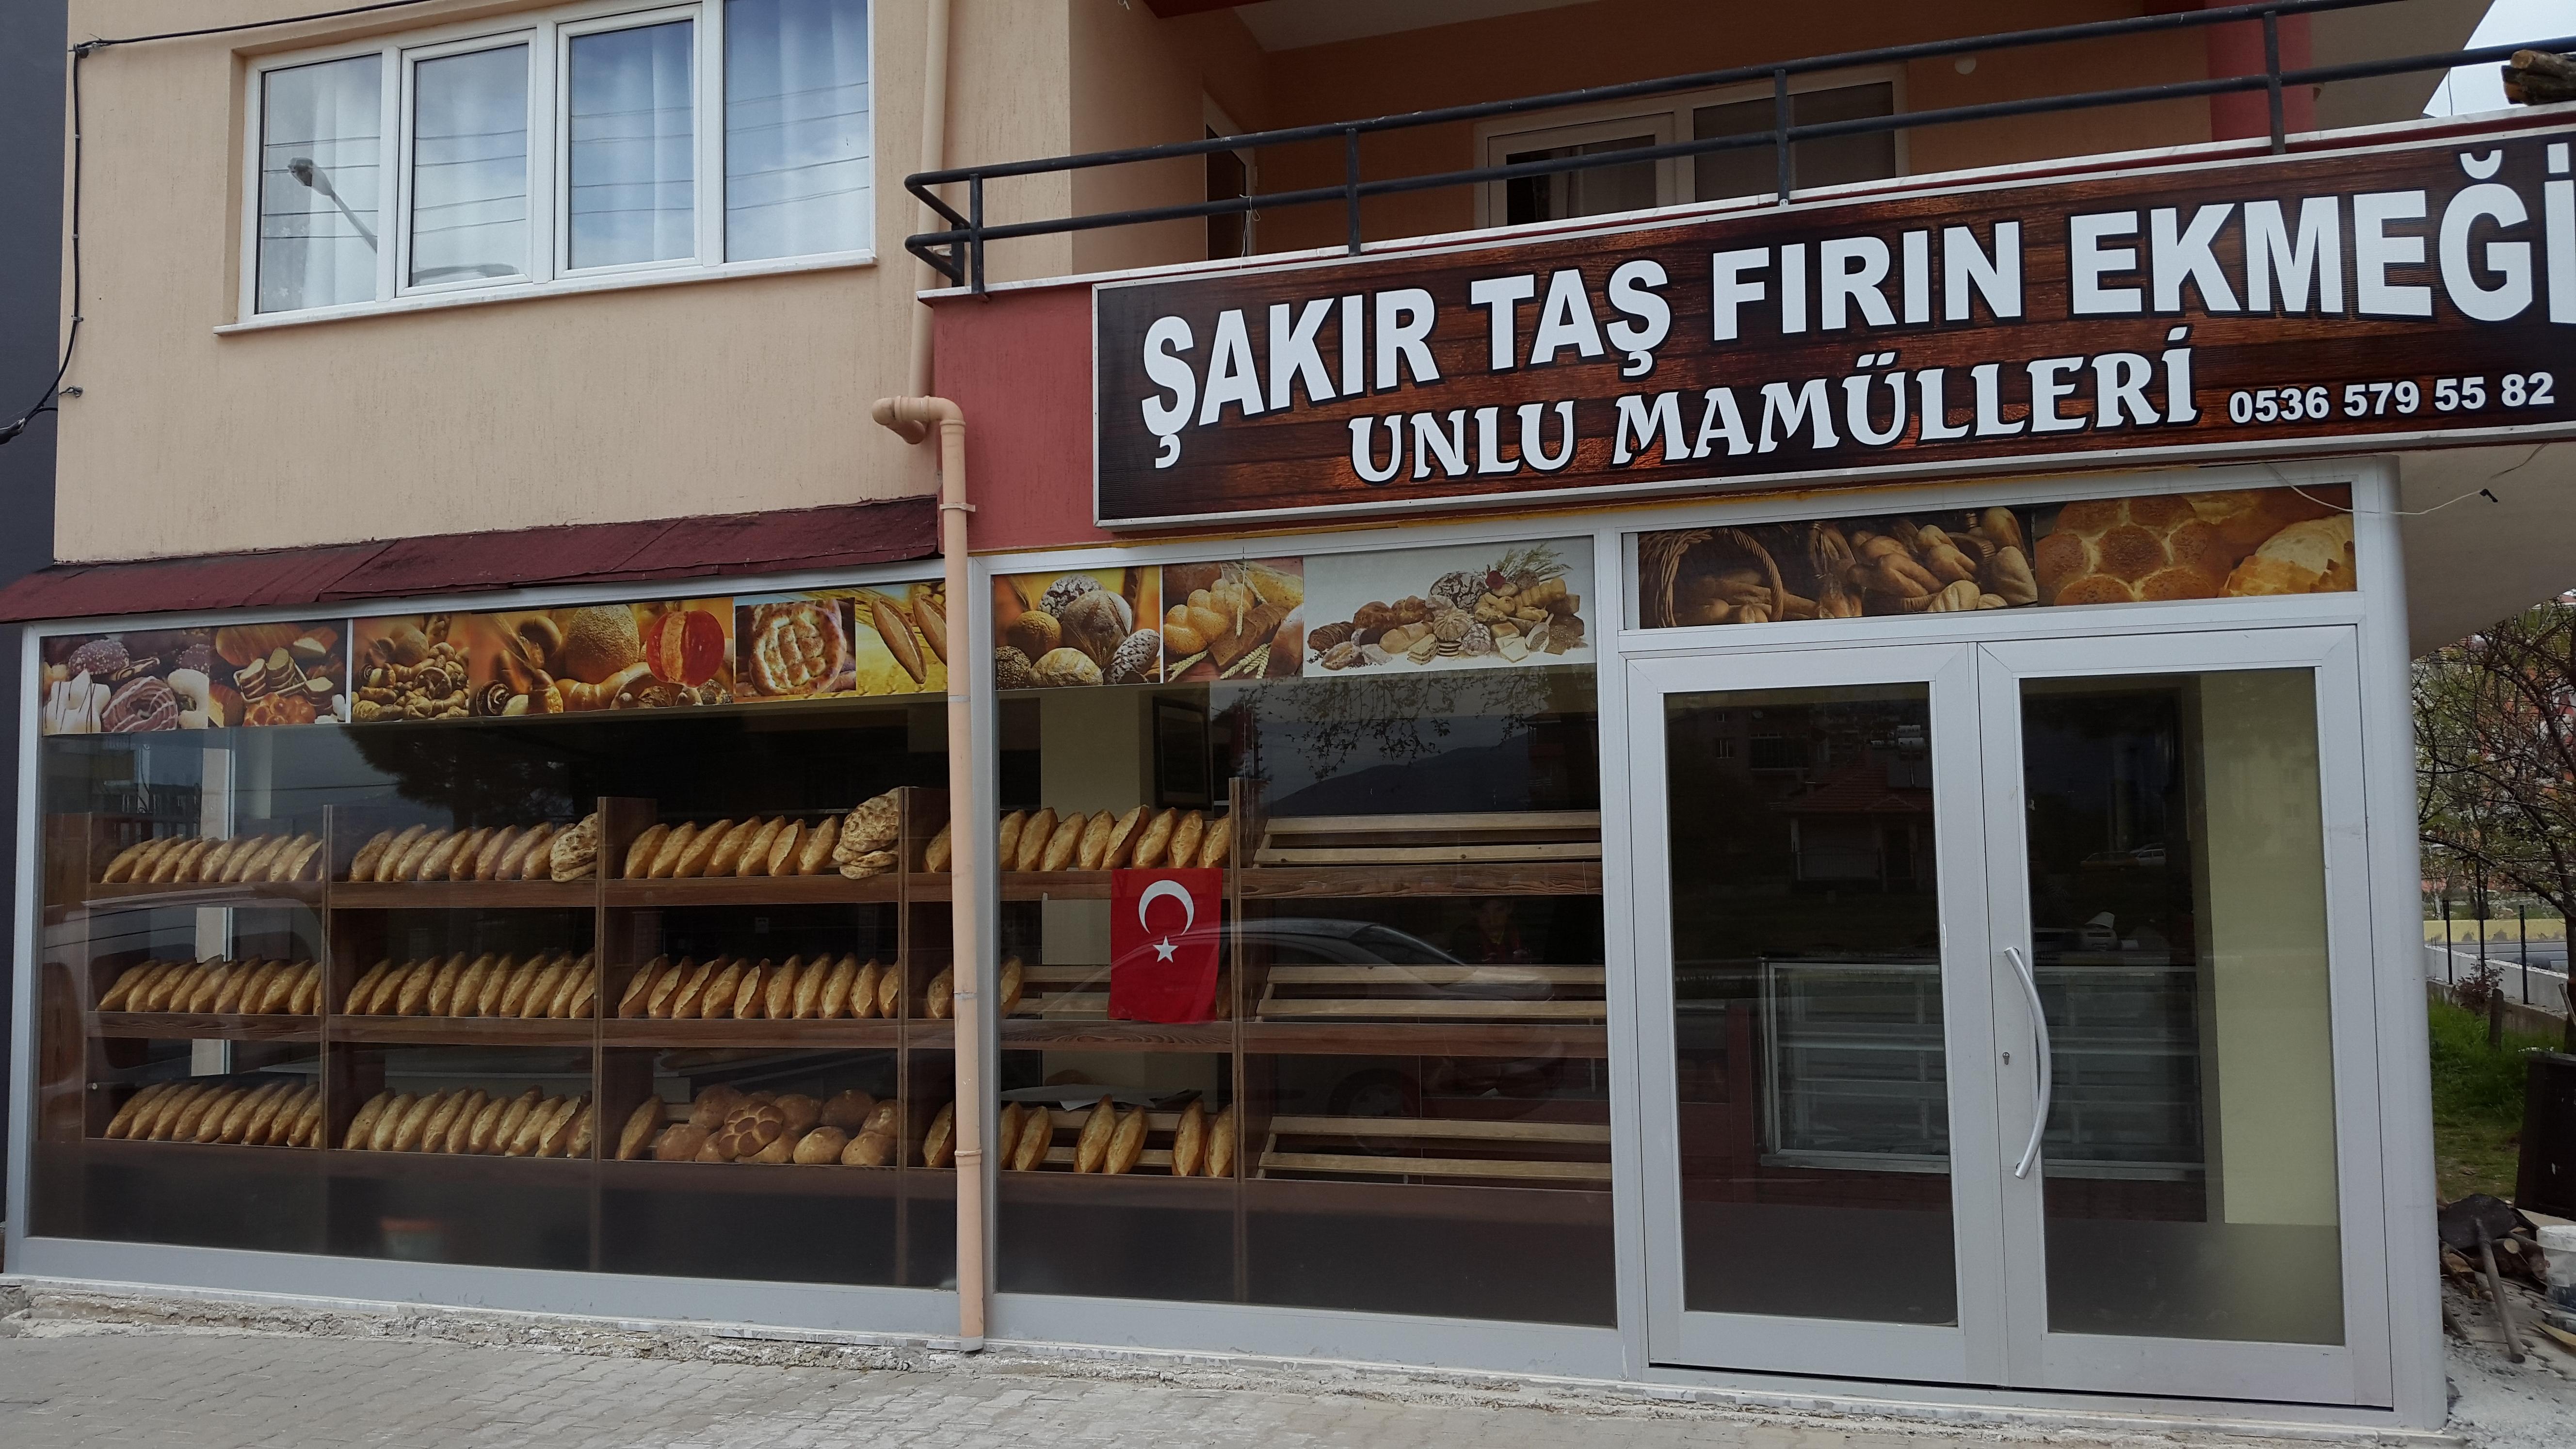 Tasfirin.org